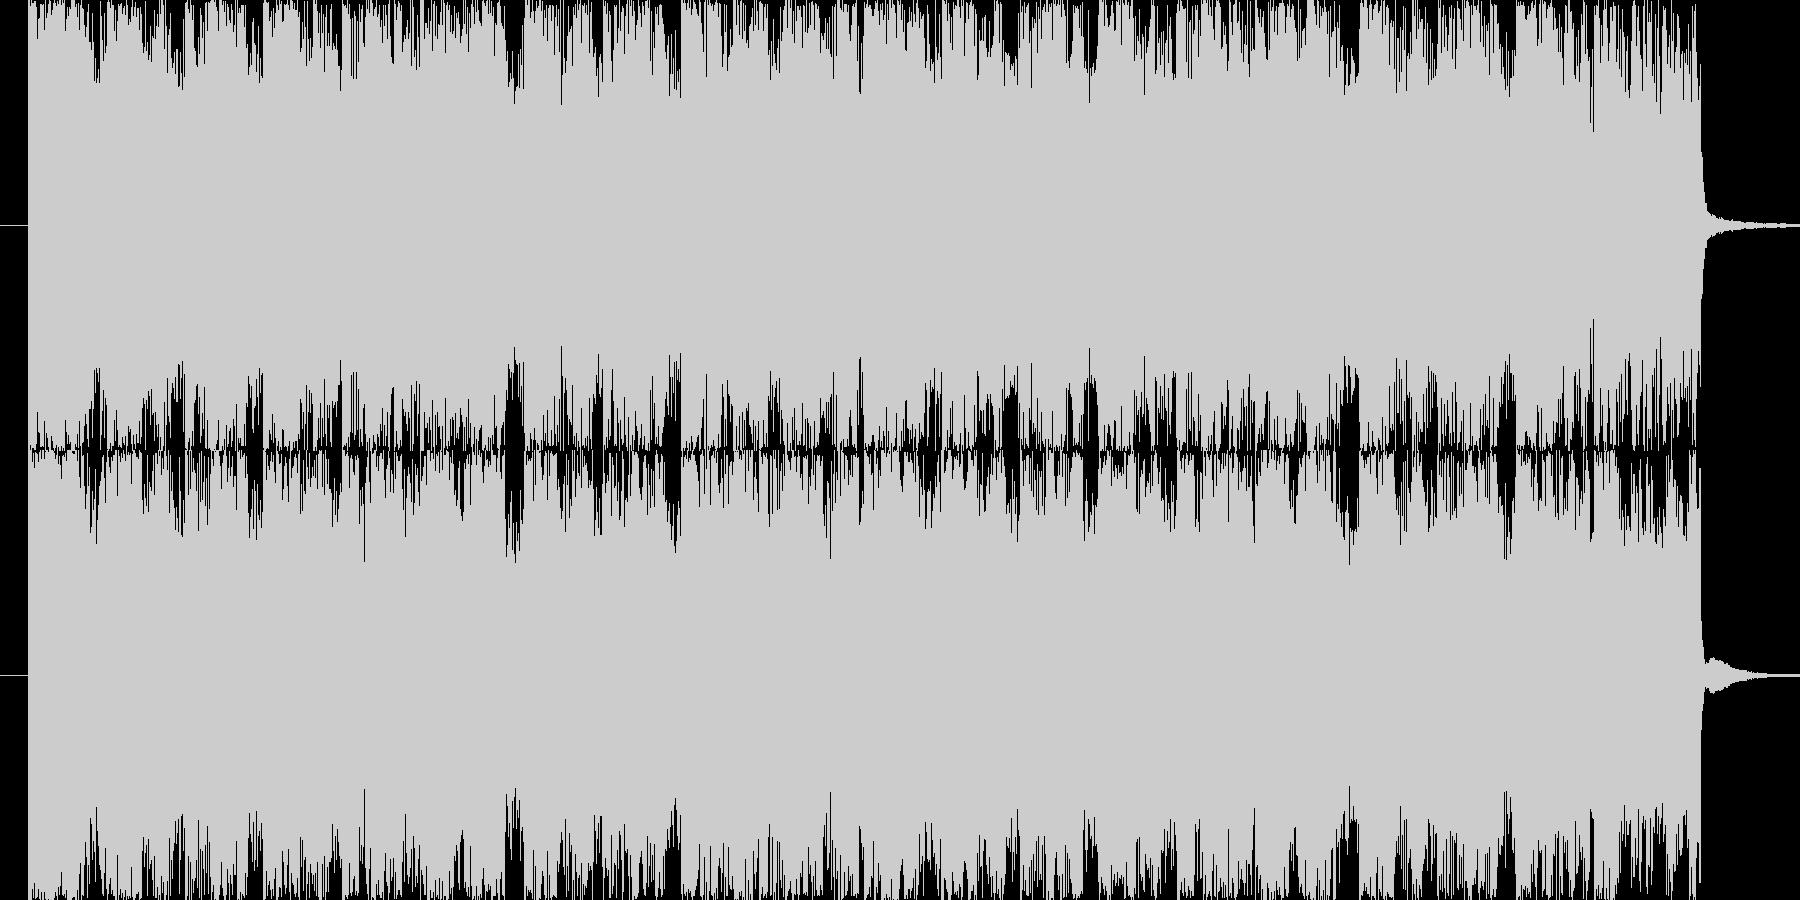 疾走感溢れるBGM(15ver)の未再生の波形